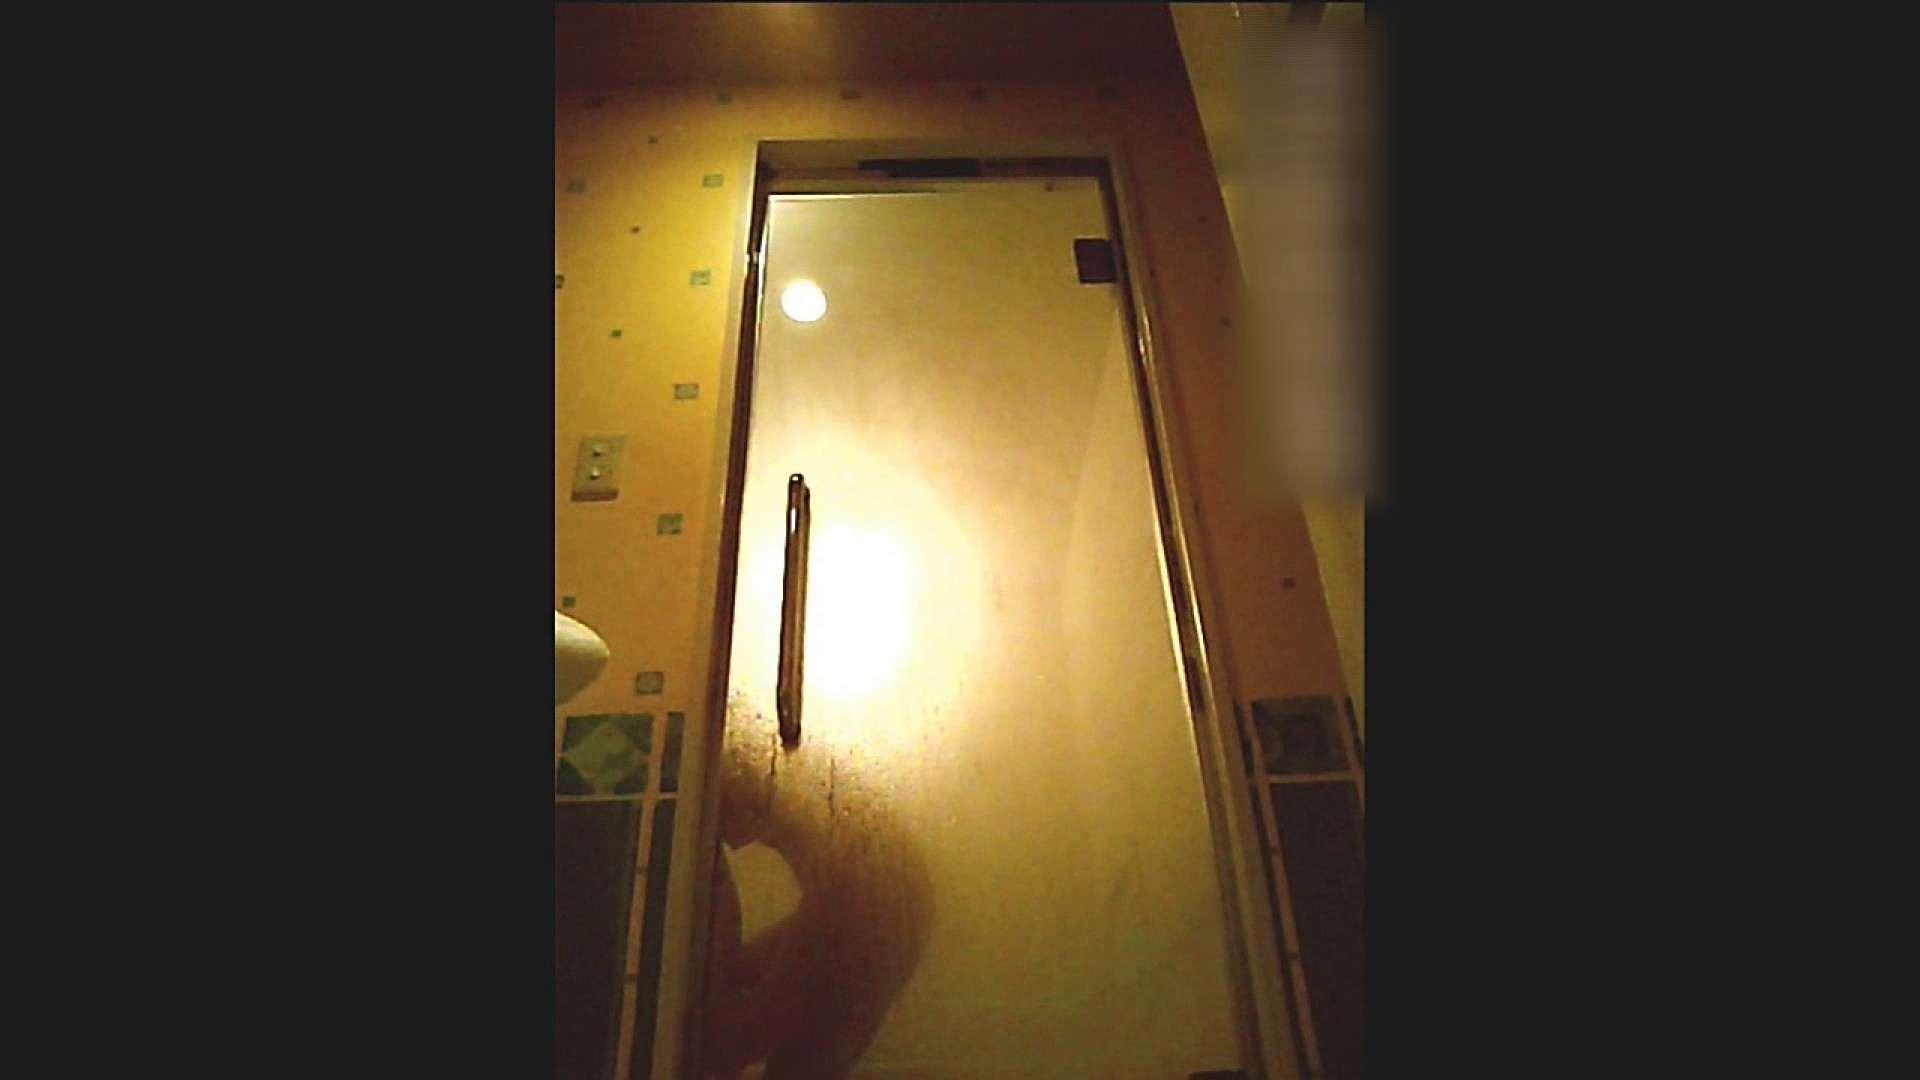 サークル女子の後輩 かなみちゃん Vol.04 ホテルの中 | シャワー室  109枚 101